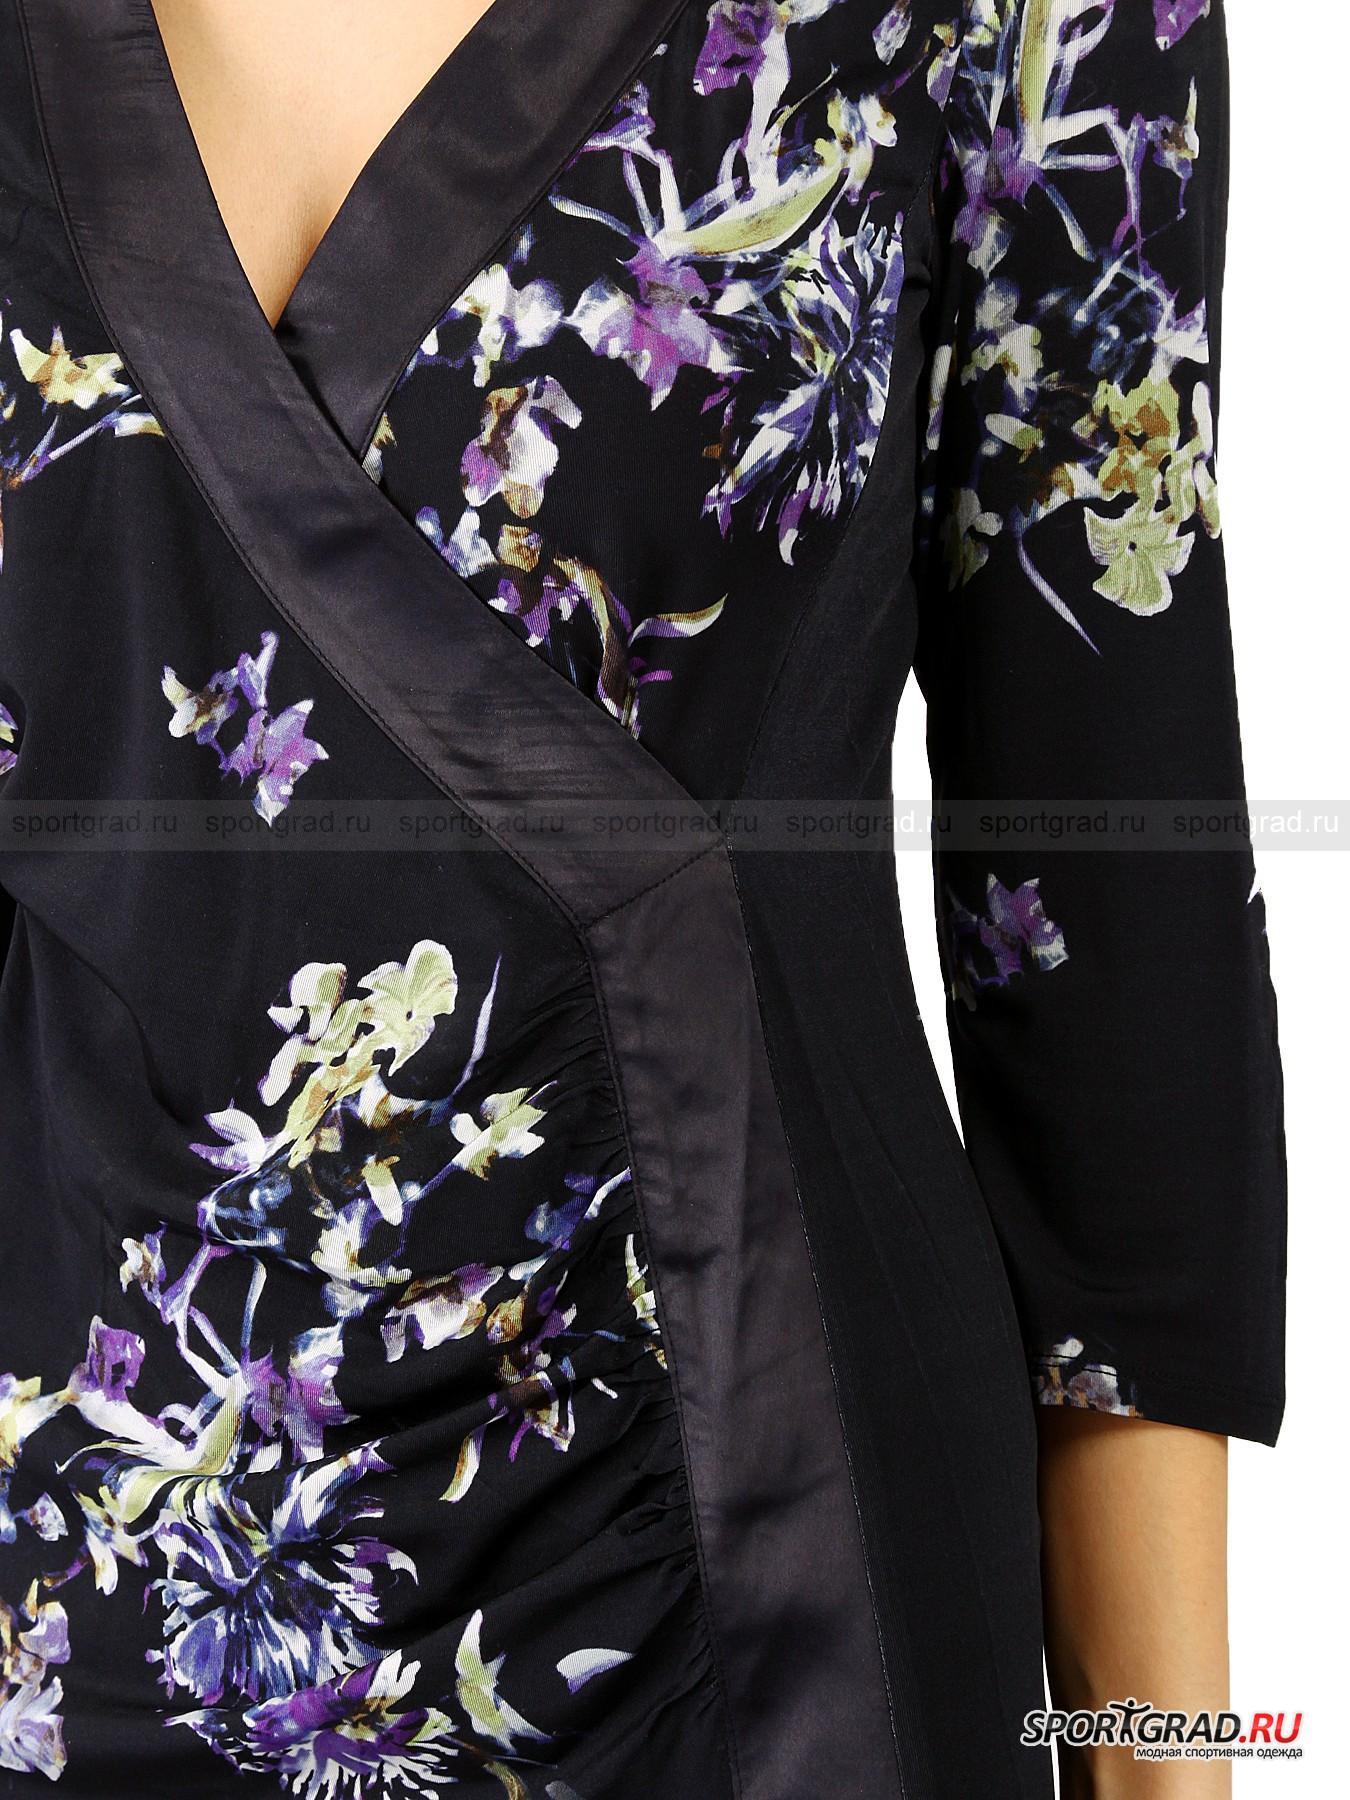 Платье женское Vada SPORTALM с цветочным принтом от Спортград